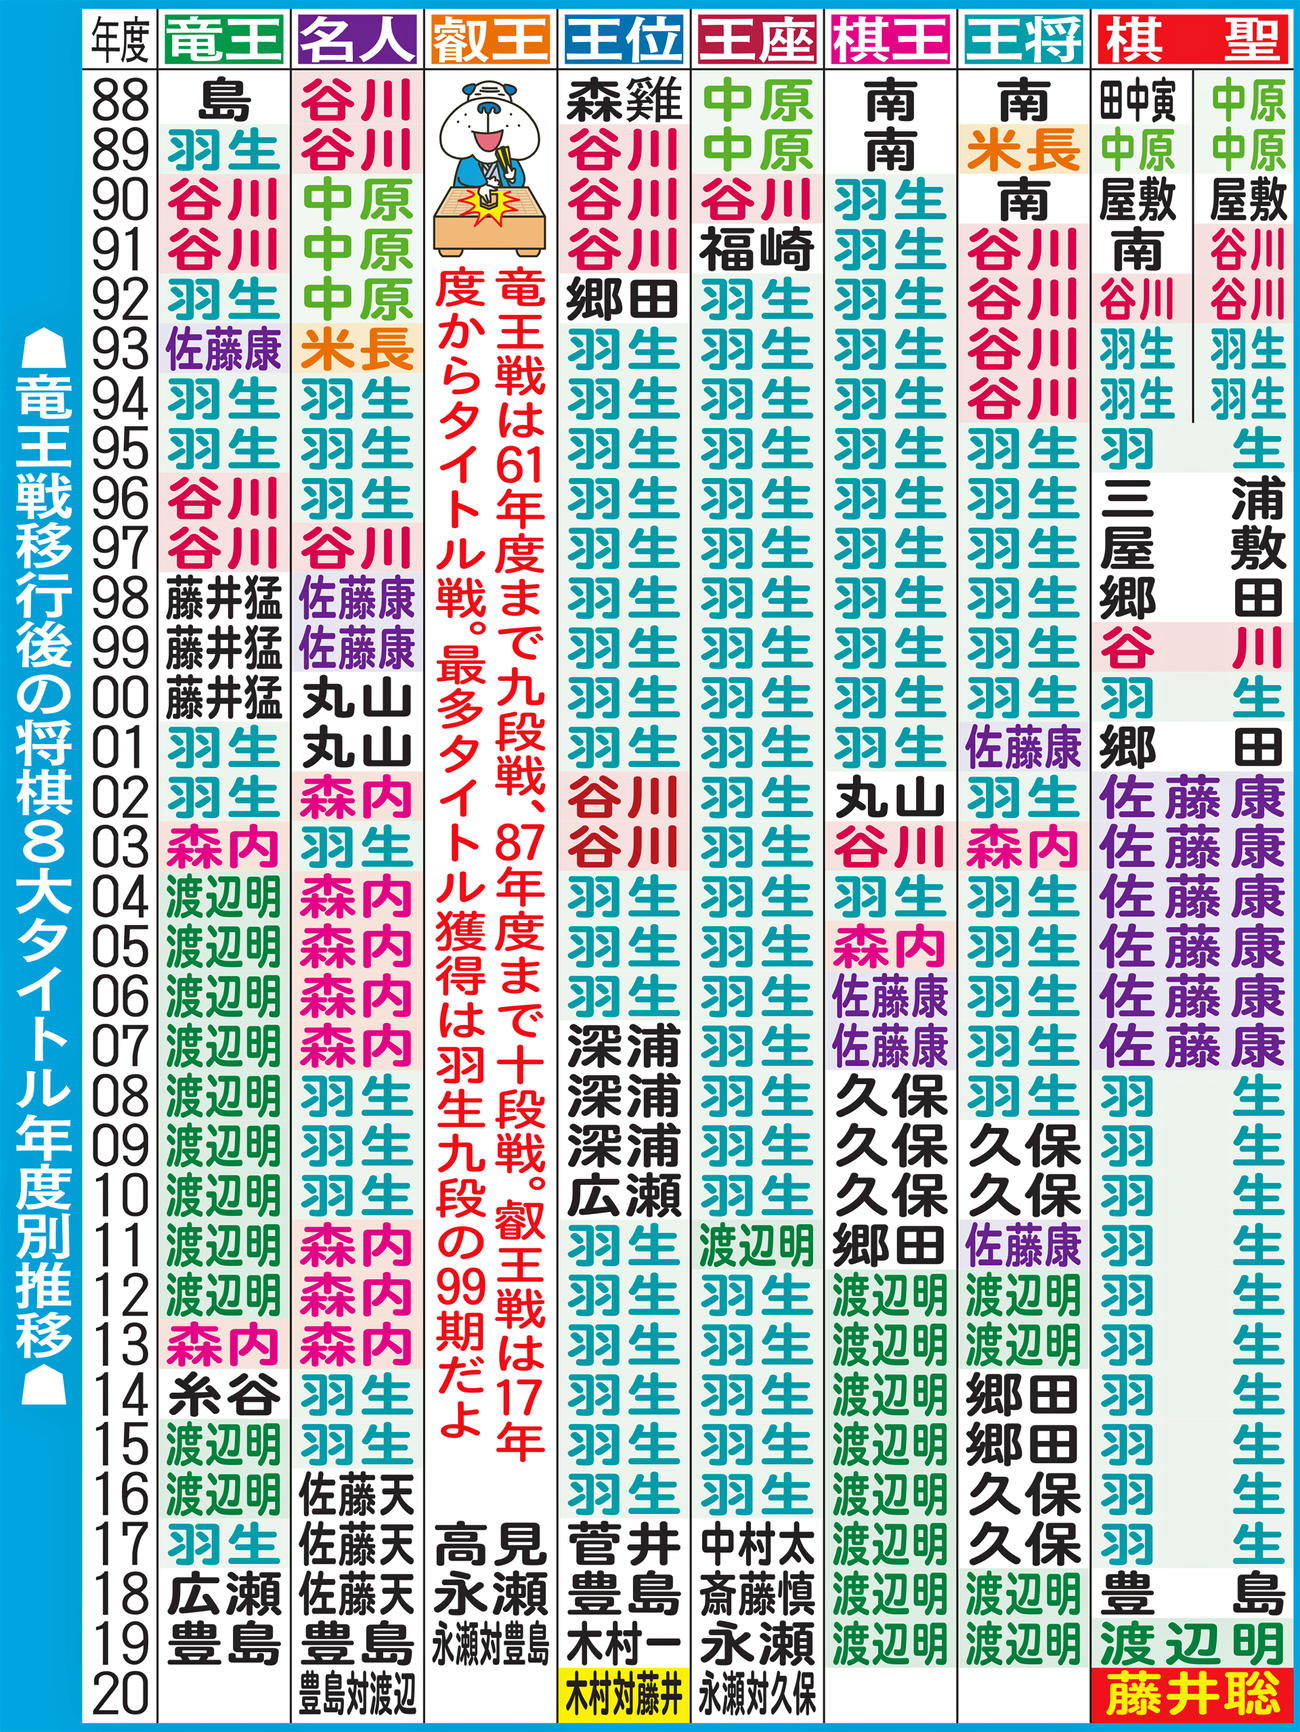 竜王戦移行後の将棋8大タイトル年度別推移